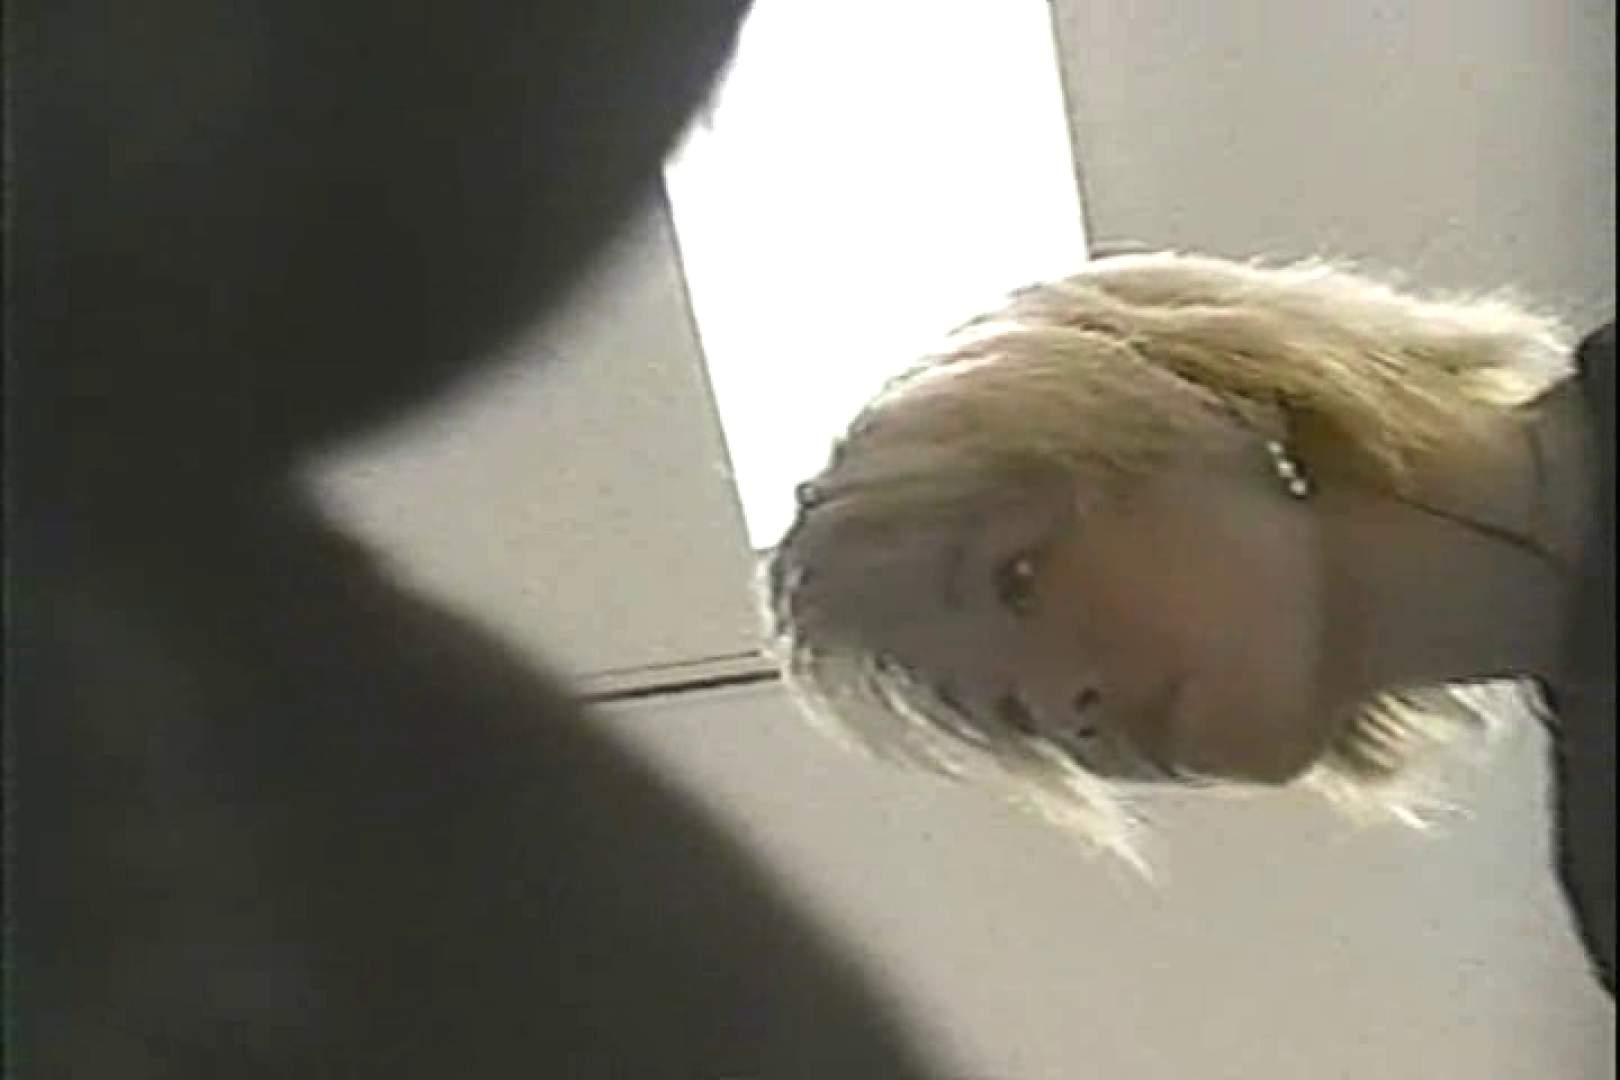 「ちくりん」さんのオリジナル未編集パンチラVol.3_02 チラ見え画像 われめAV動画紹介 65連発 42